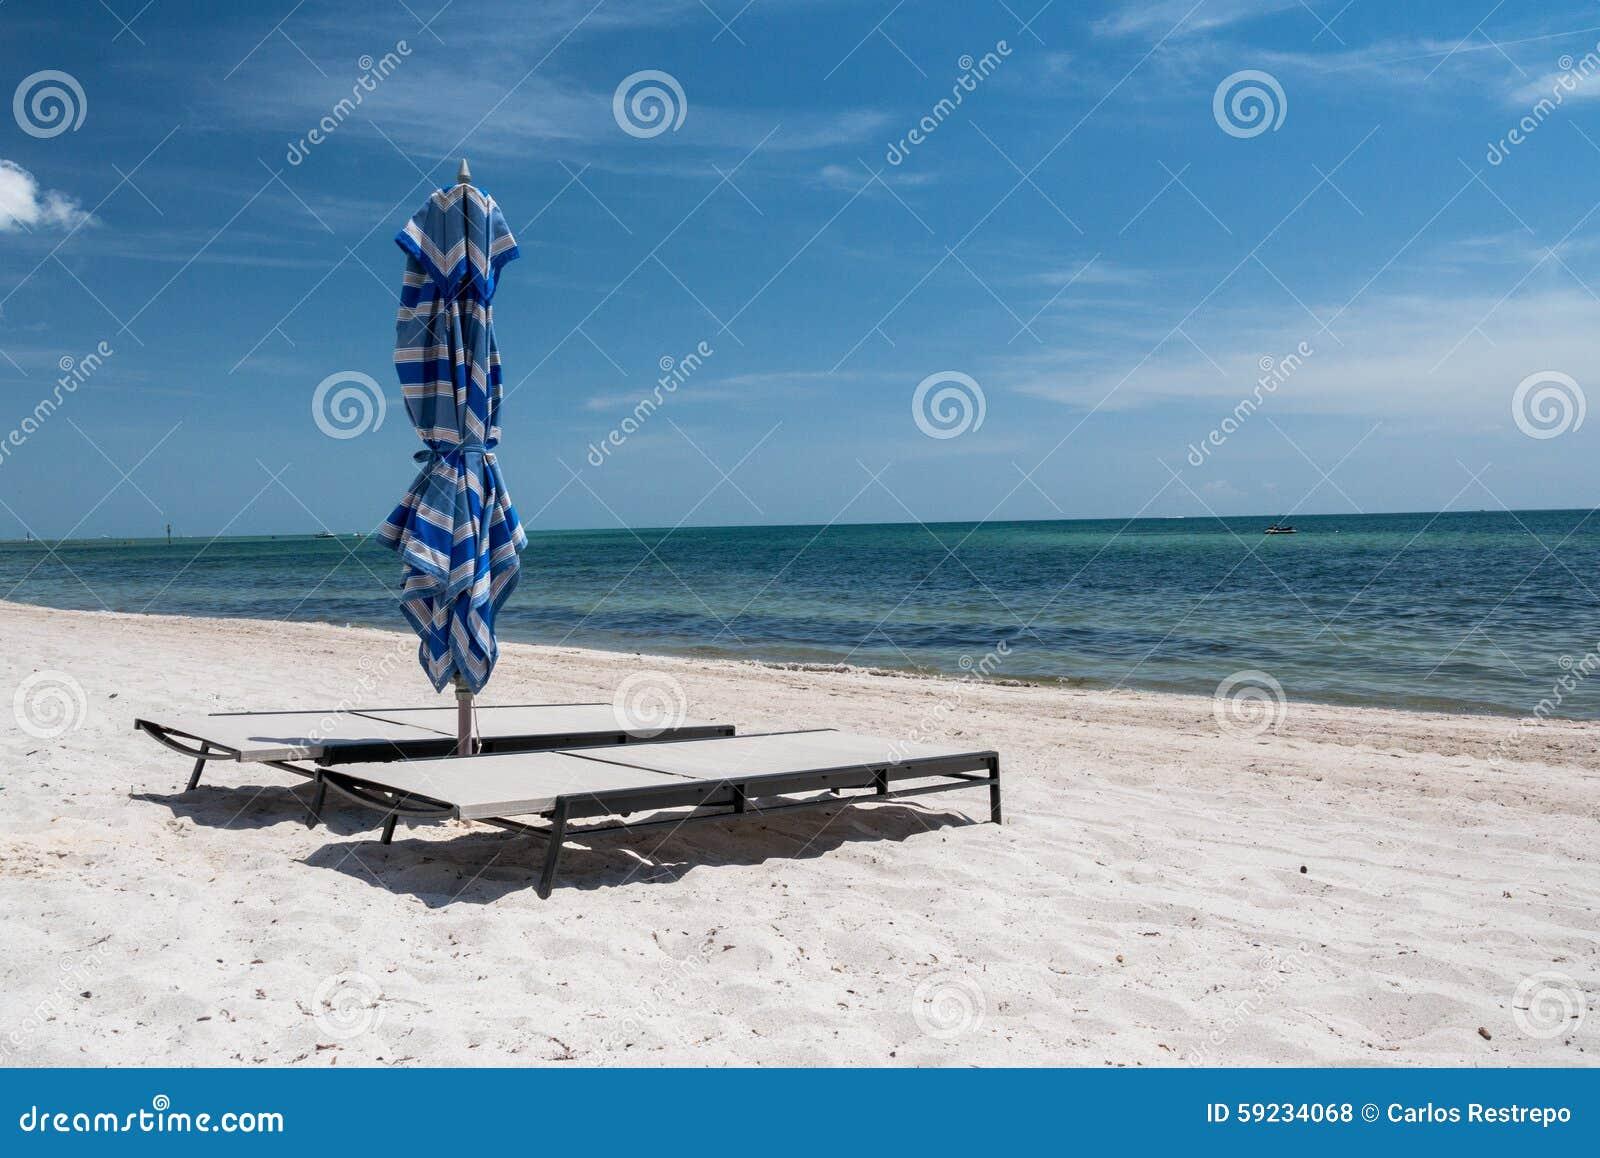 Download Sillas de playa foto de archivo. Imagen de playa, costa - 59234068